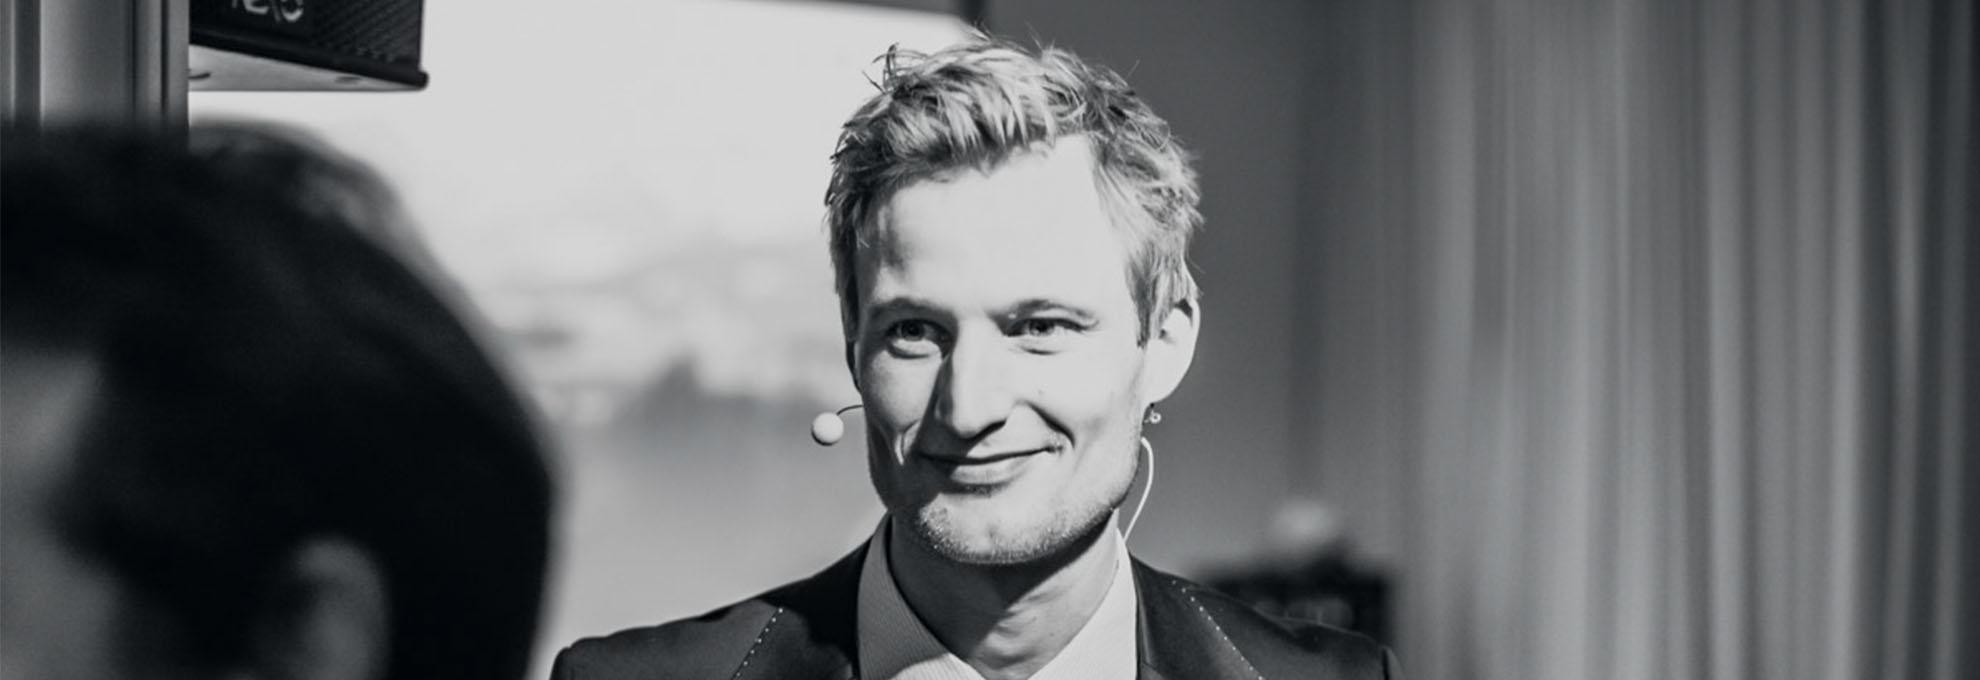 Simon Schnetzer